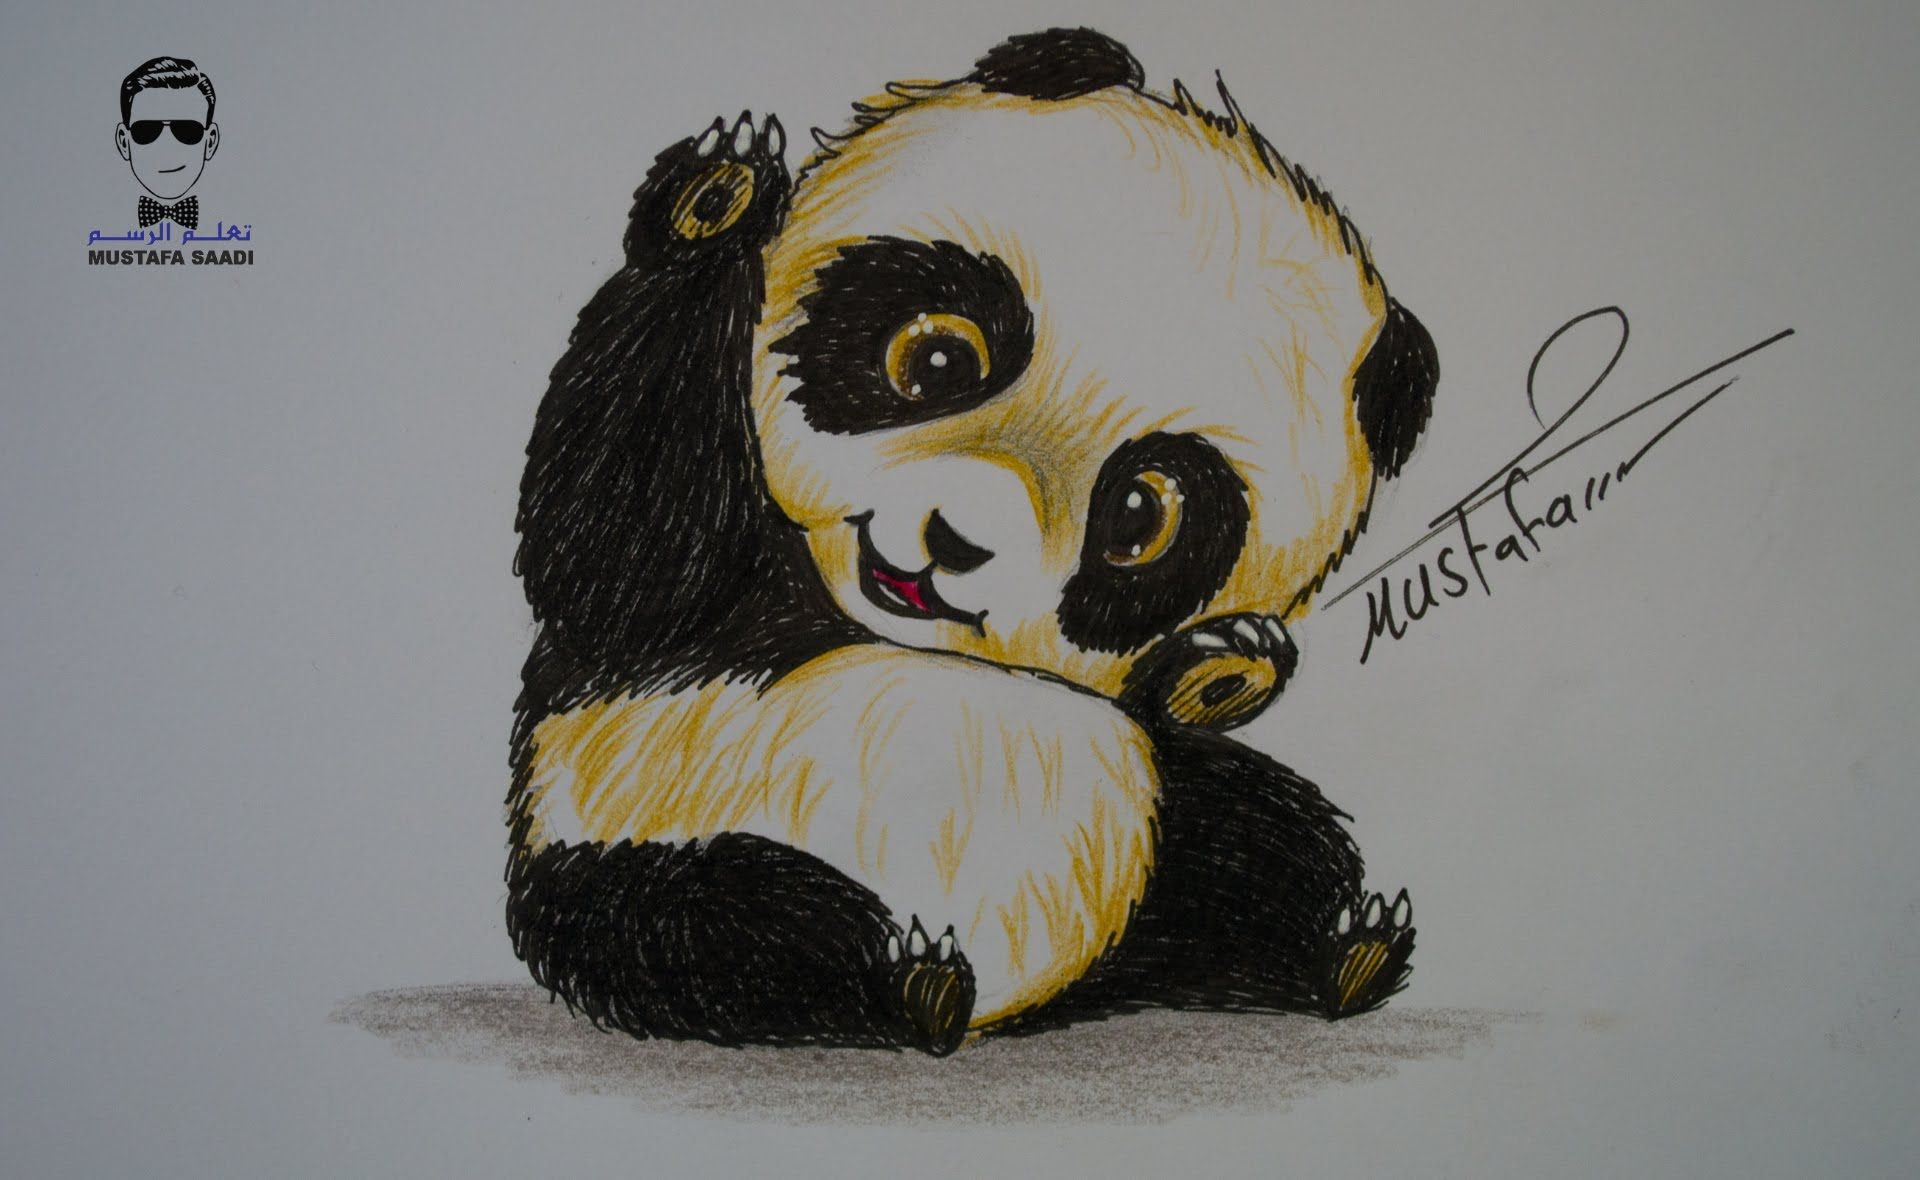 تعليم رسم دب الباندا بالرصاص والالوان مع الخطوات للمبتدئين